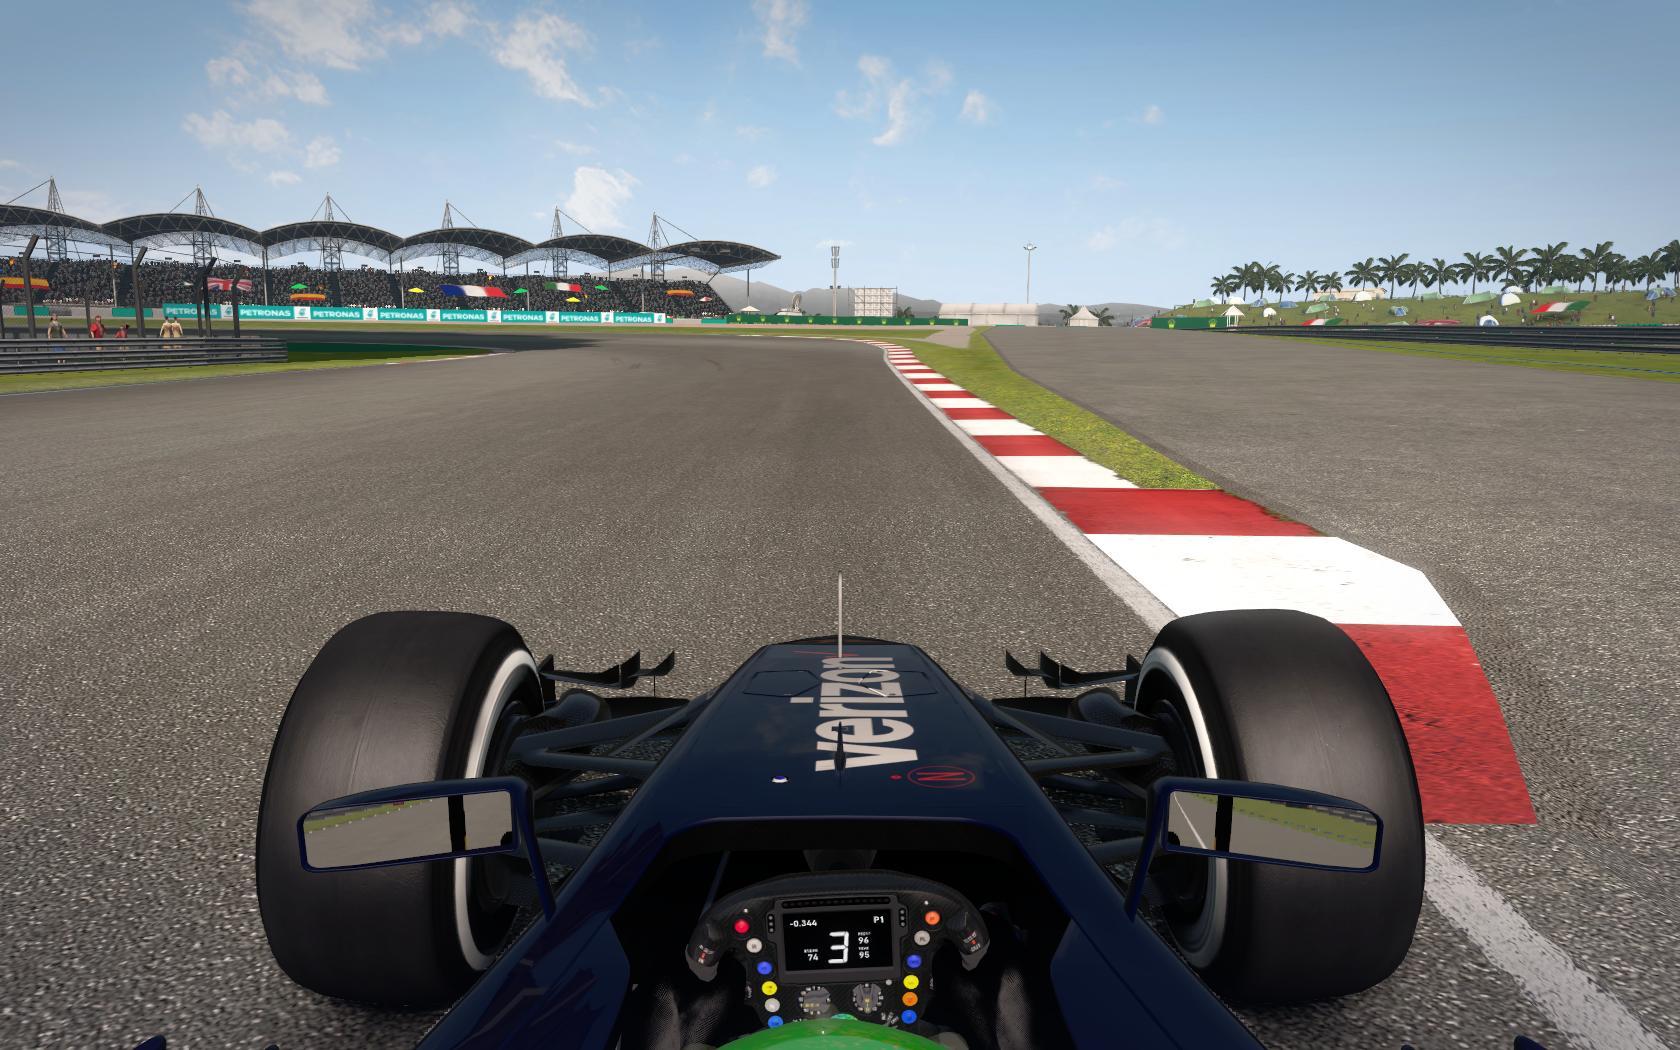 F1_2014 2016-04-16 14-15-50-57.jpg